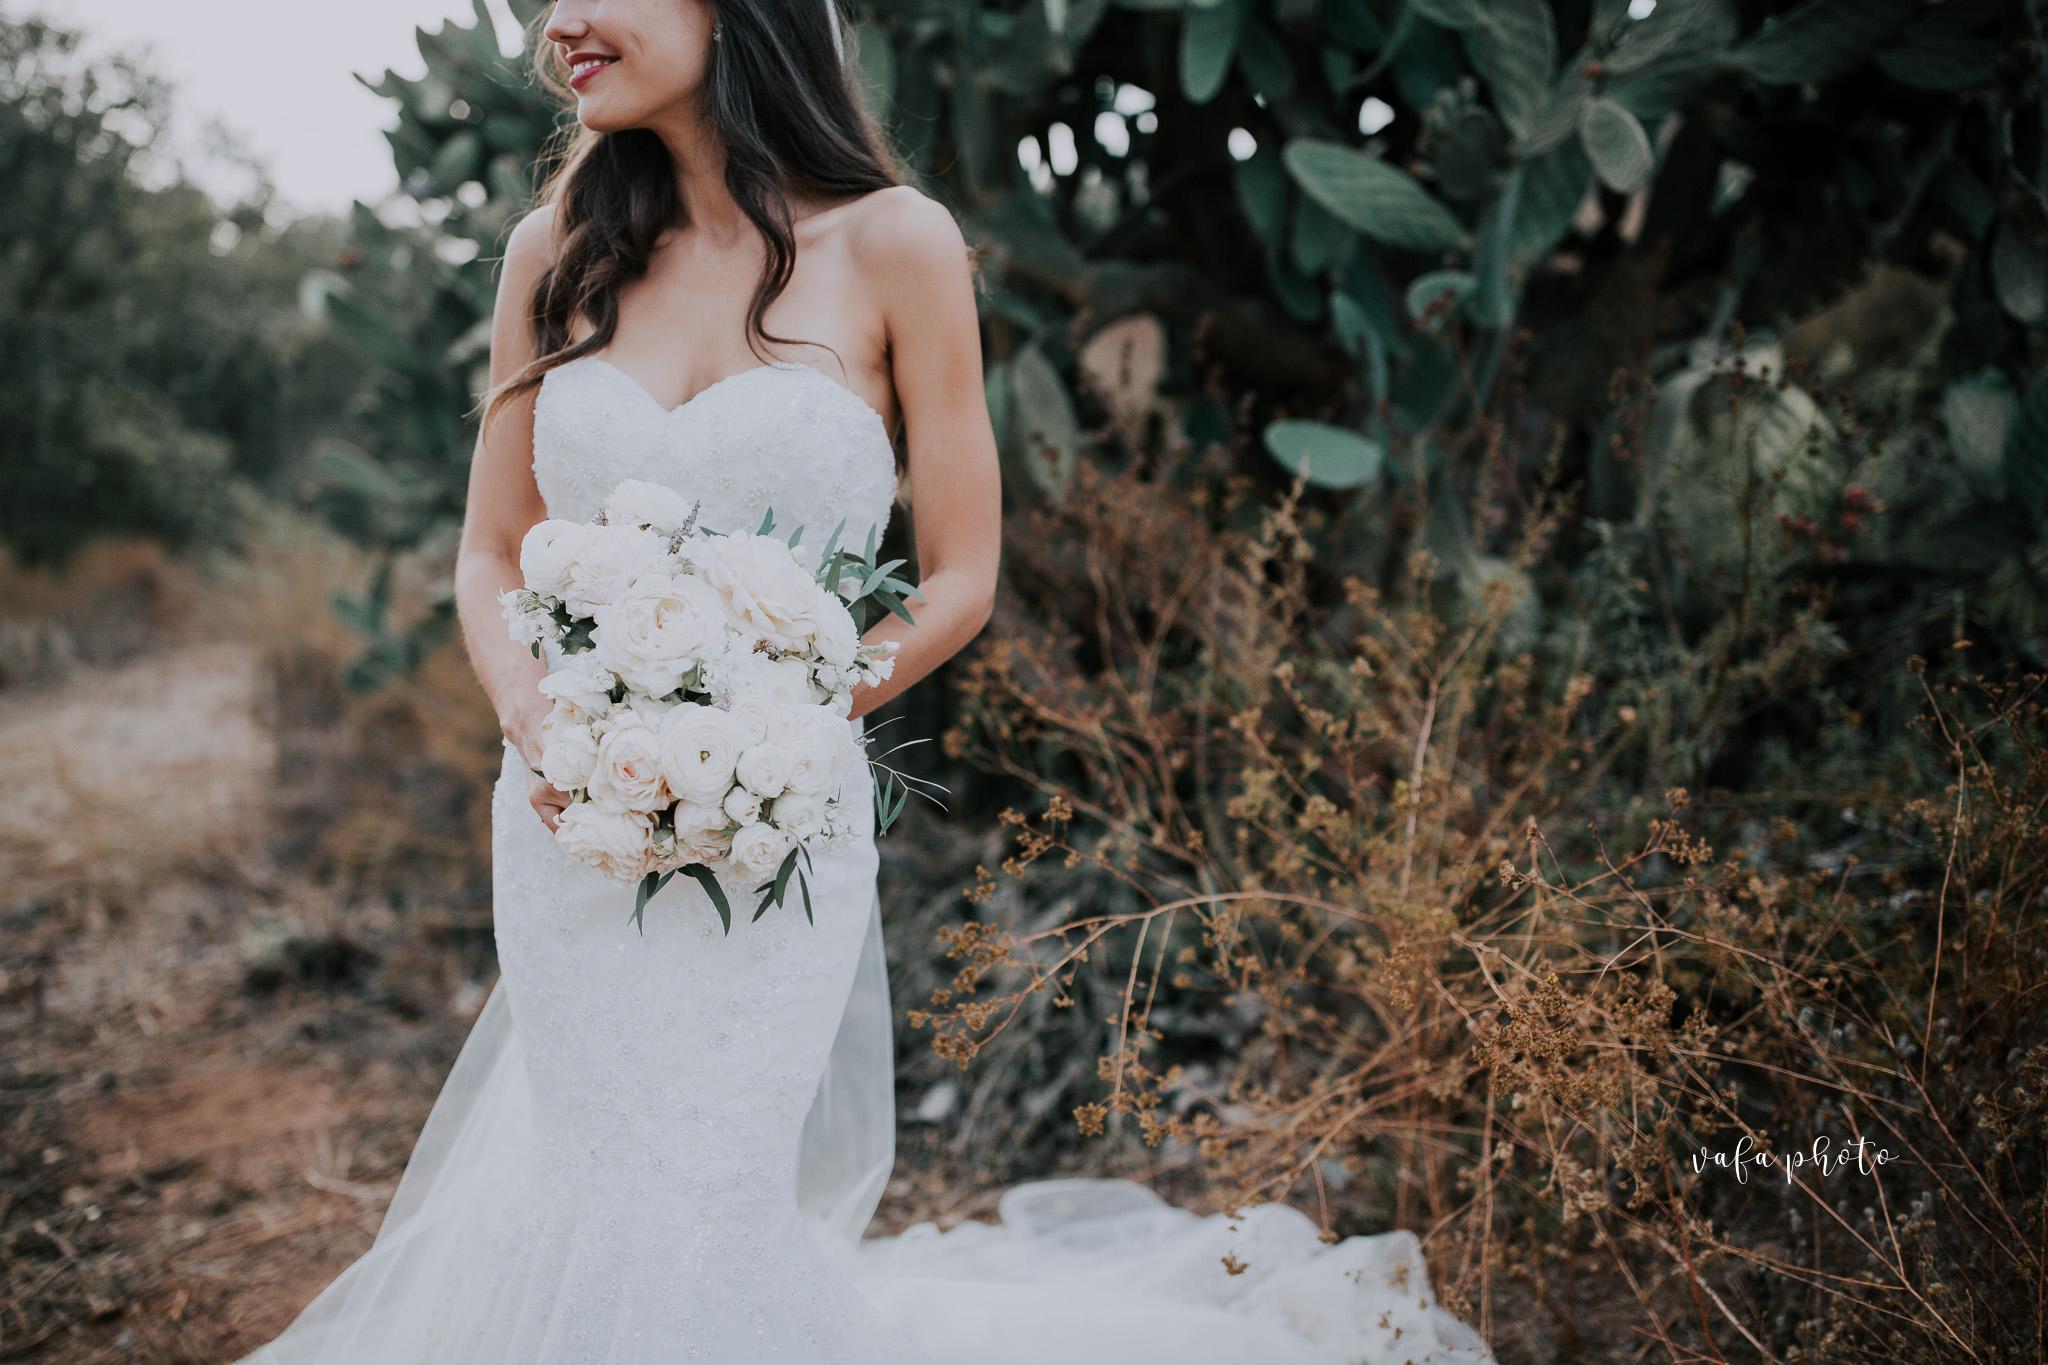 Southern-California-Wedding-Britt-Nilsson-Jeremy-Byrne-Vafa-Photo-604.jpg